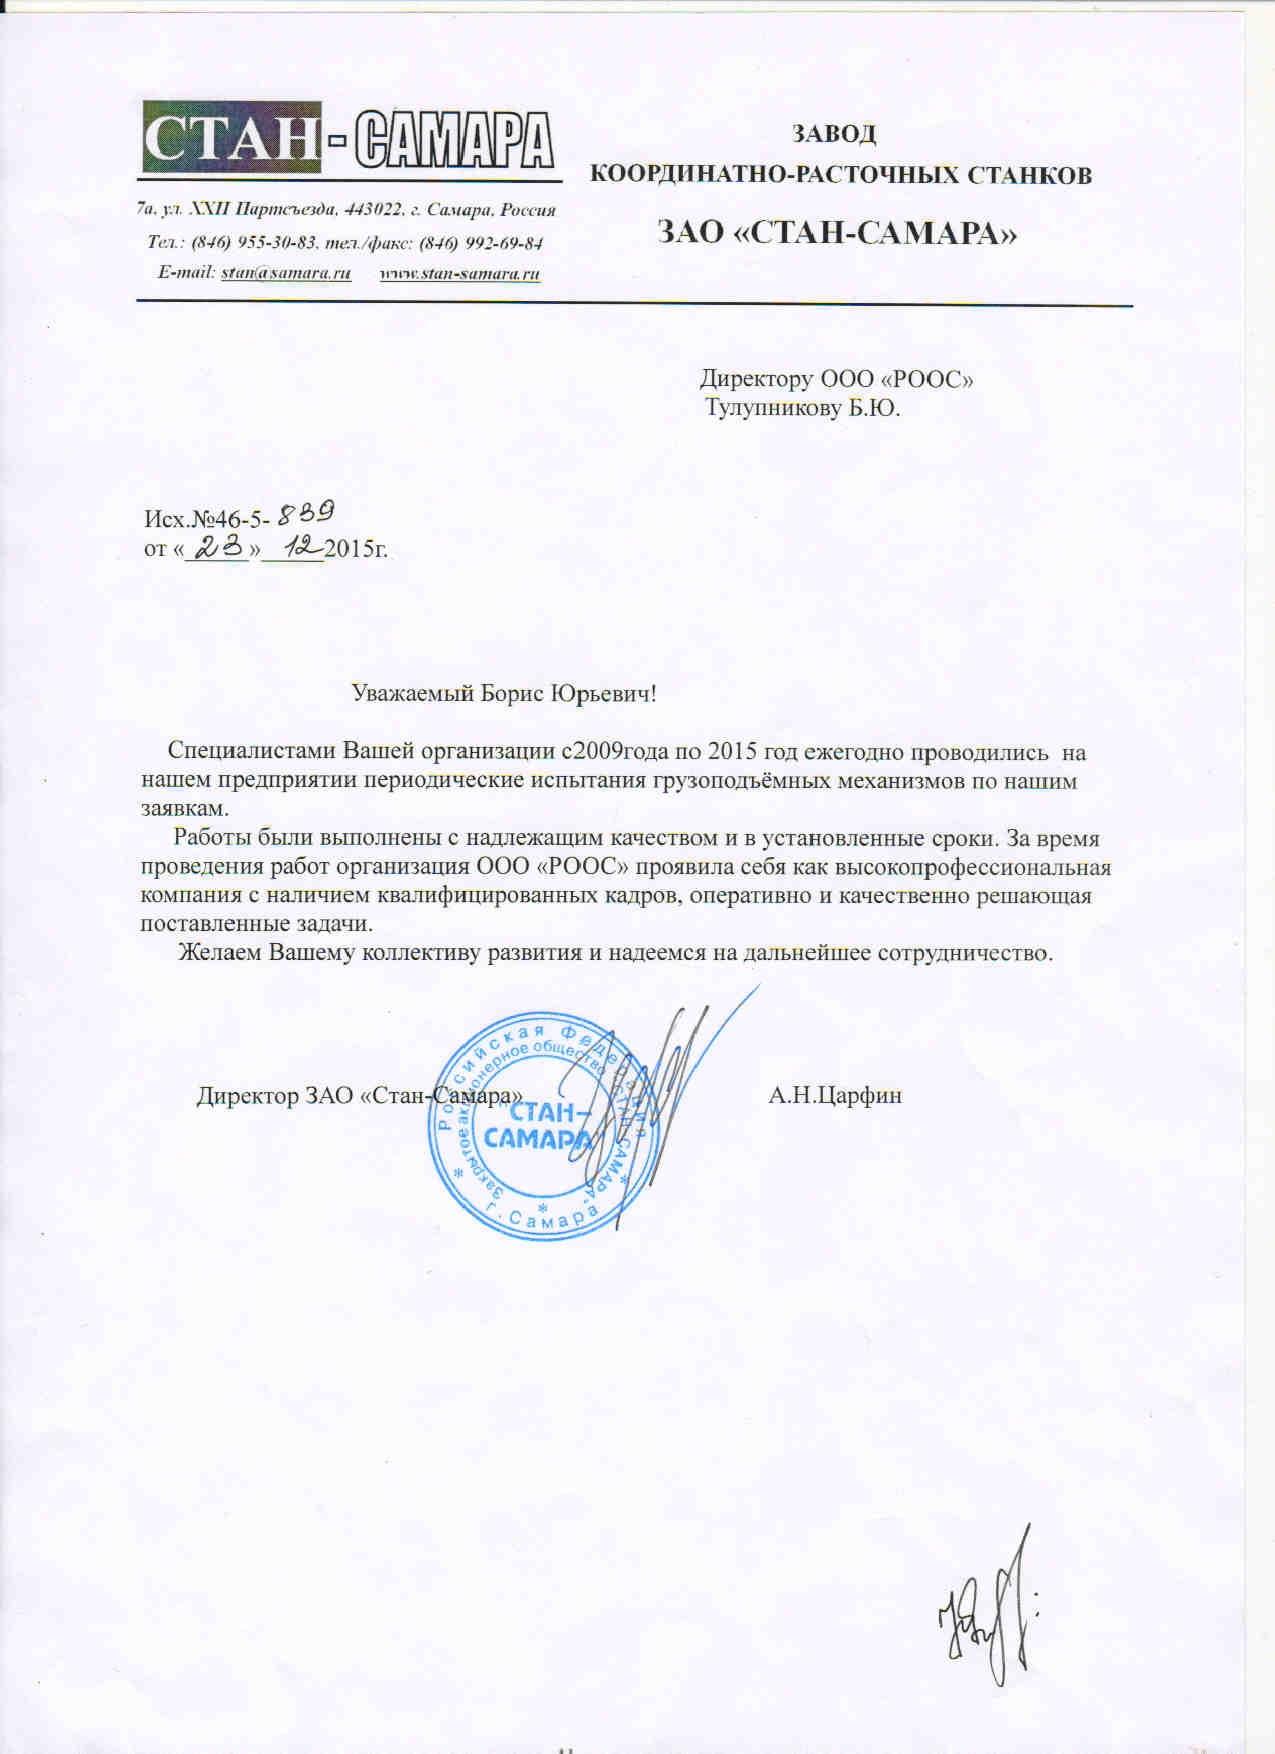 Ремонт крыши документы капитальный нормативные